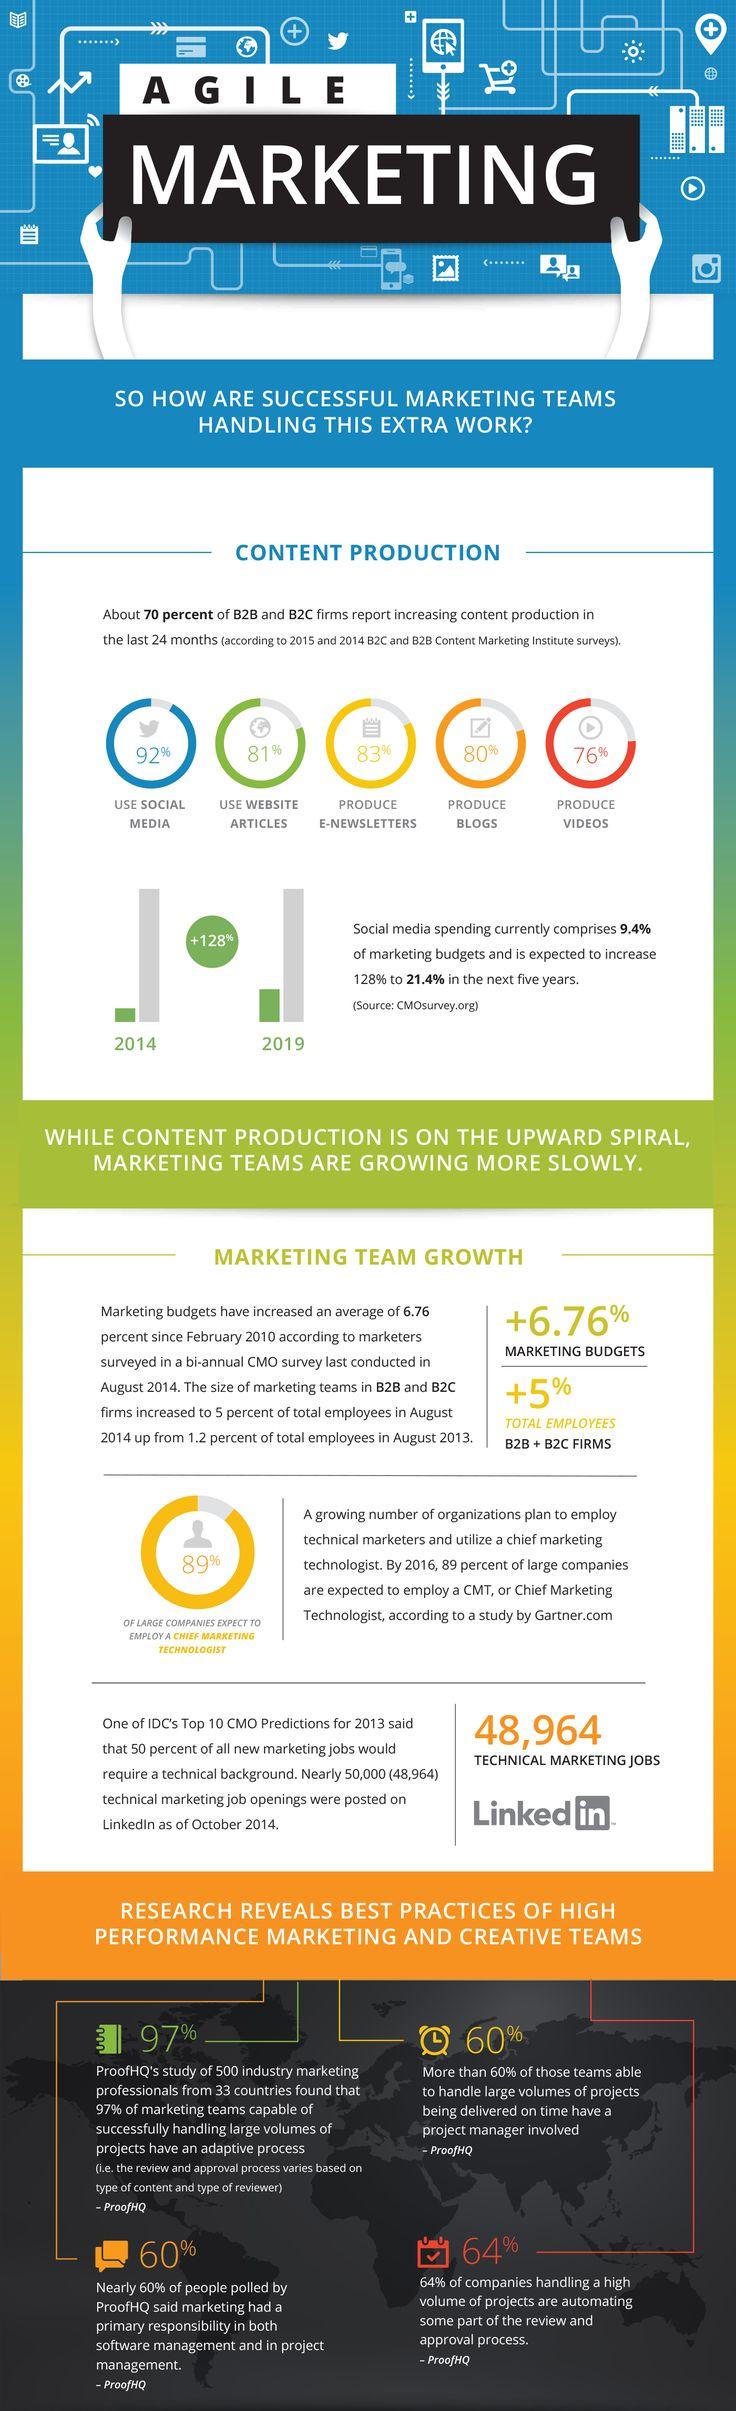 Agile Marketing #infographic #Marketing